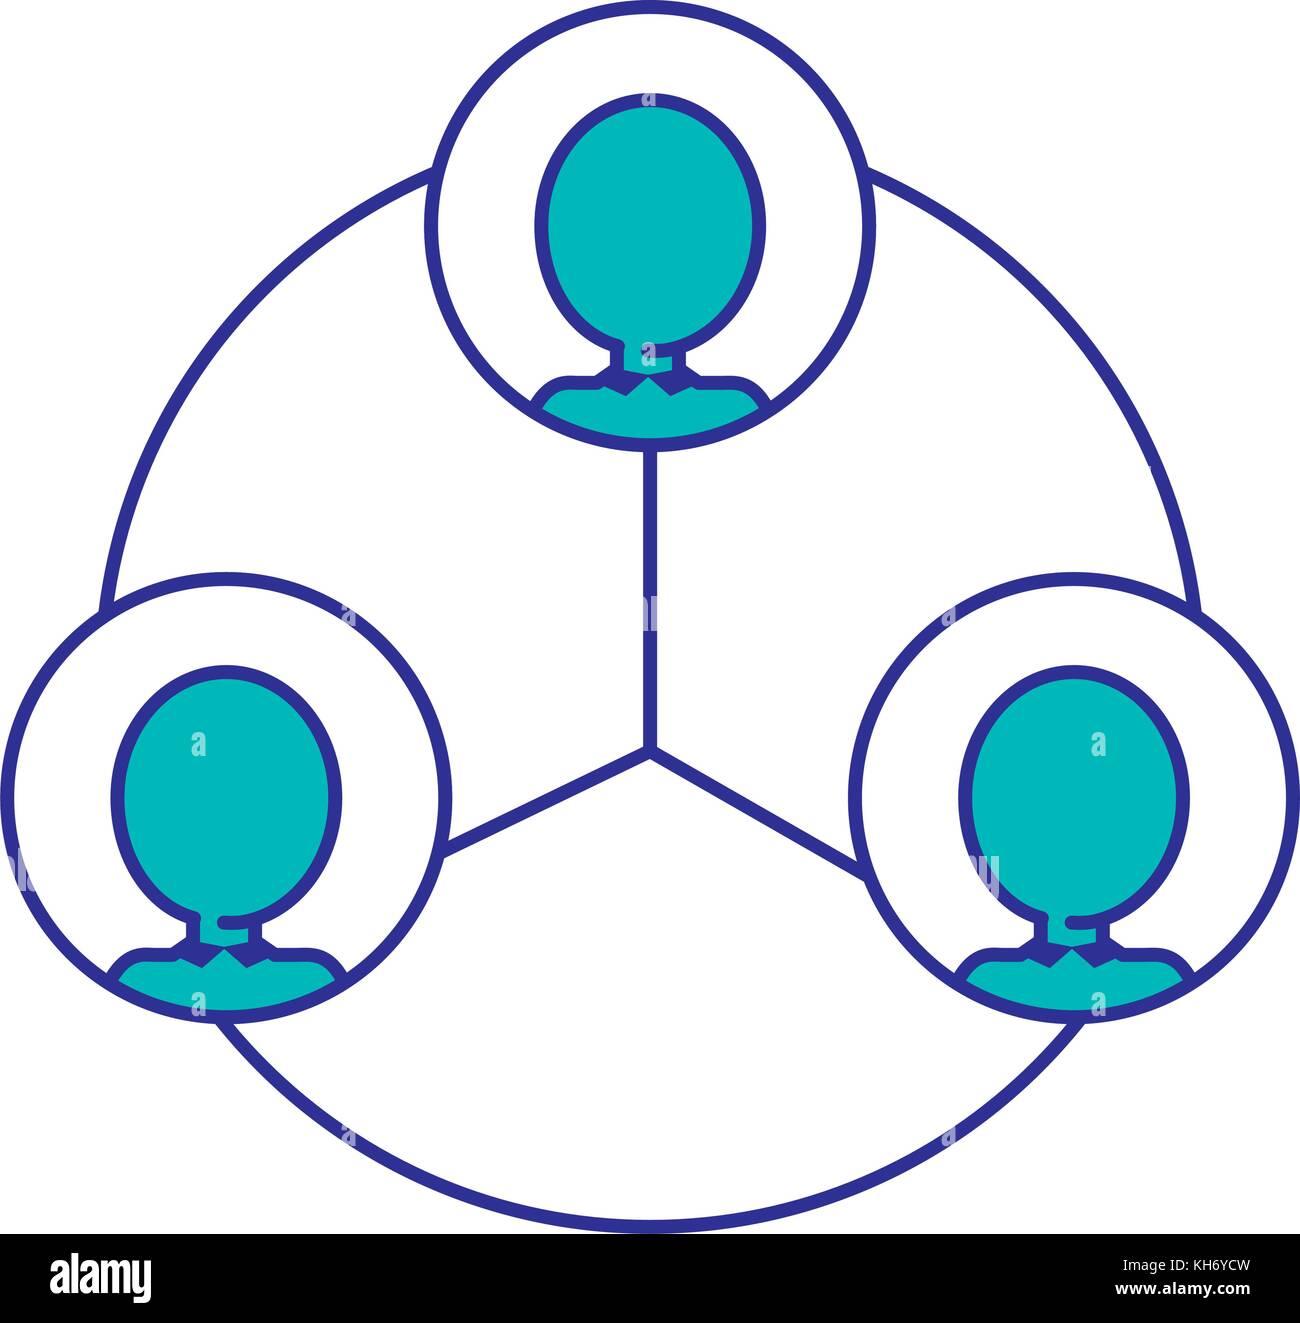 Isolierte Piktogramm design Stockbild